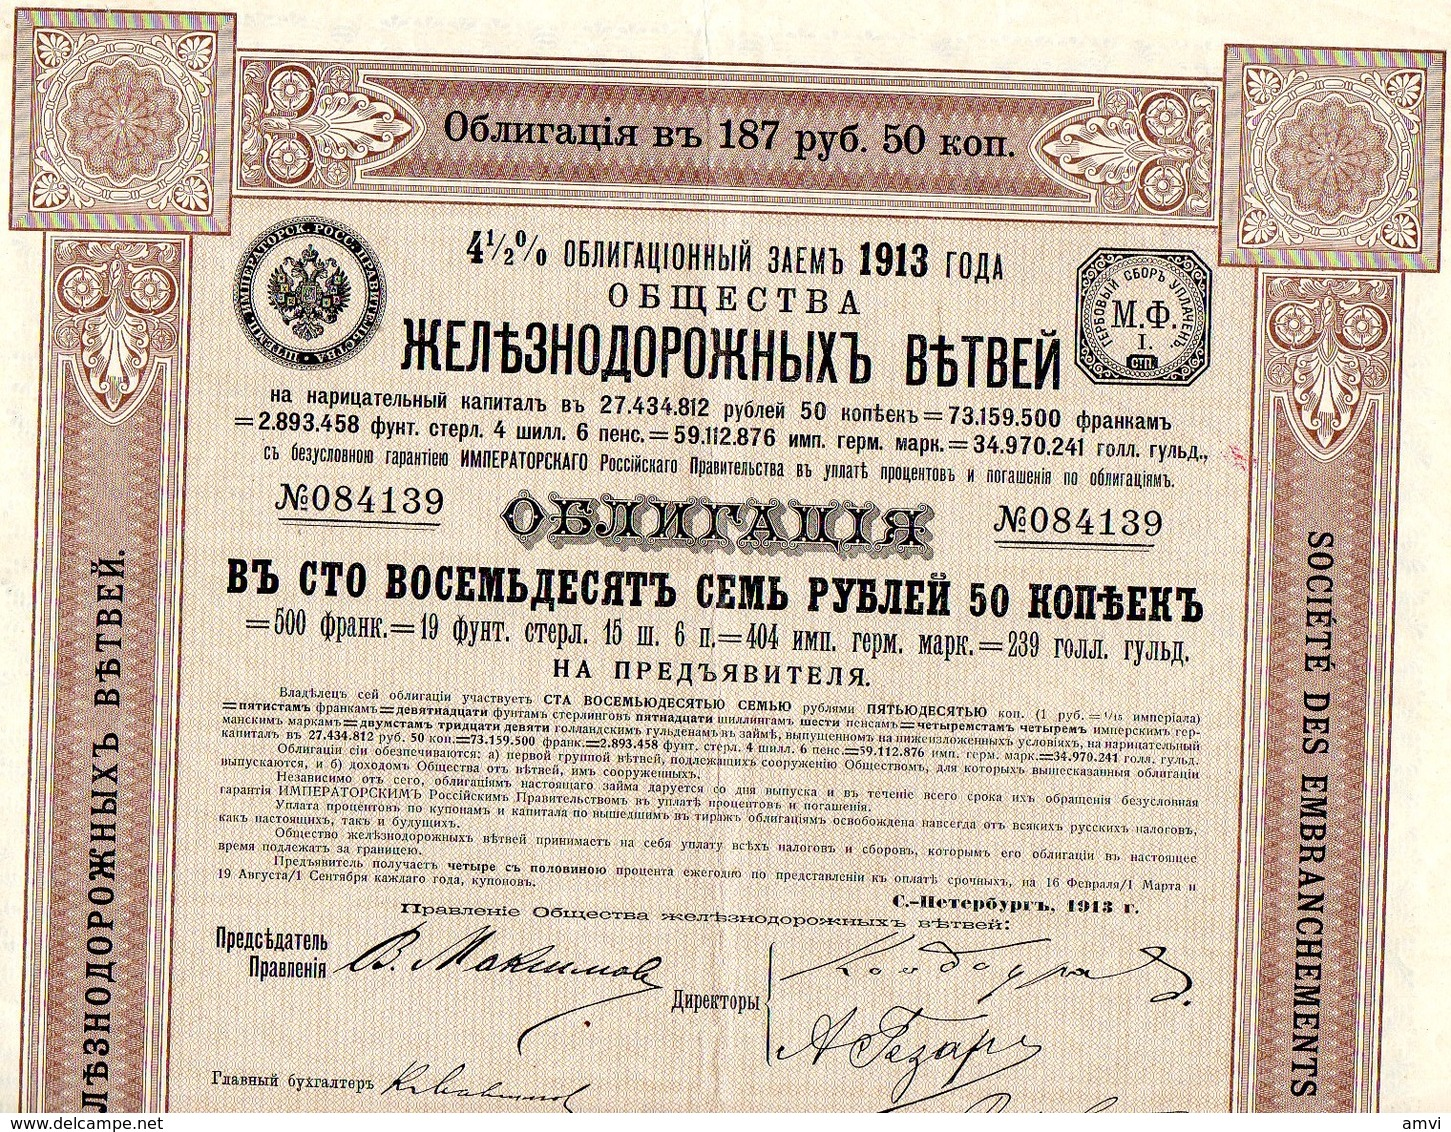 B02 Societe Des Embranchements De Chemins De Fer 1913 Obligation - Chemin De Fer & Tramway